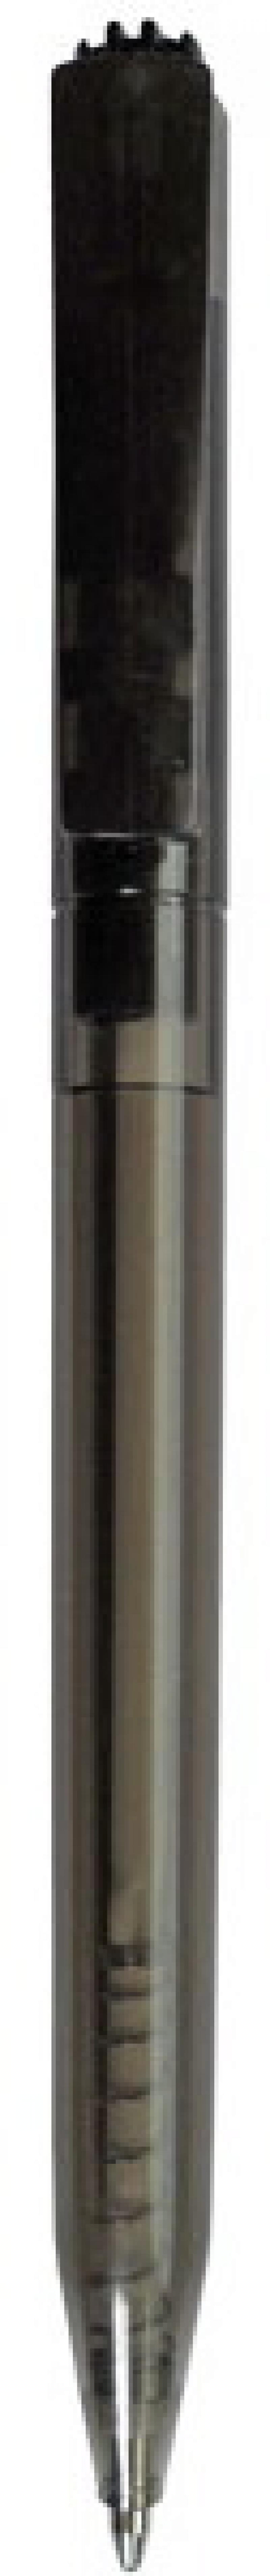 Шариковая ручка автоматическая SPONSOR SLP100B/BK синий 0.7 мм SLP100B/BK настенный светильник eurosvet 2729 2 хром